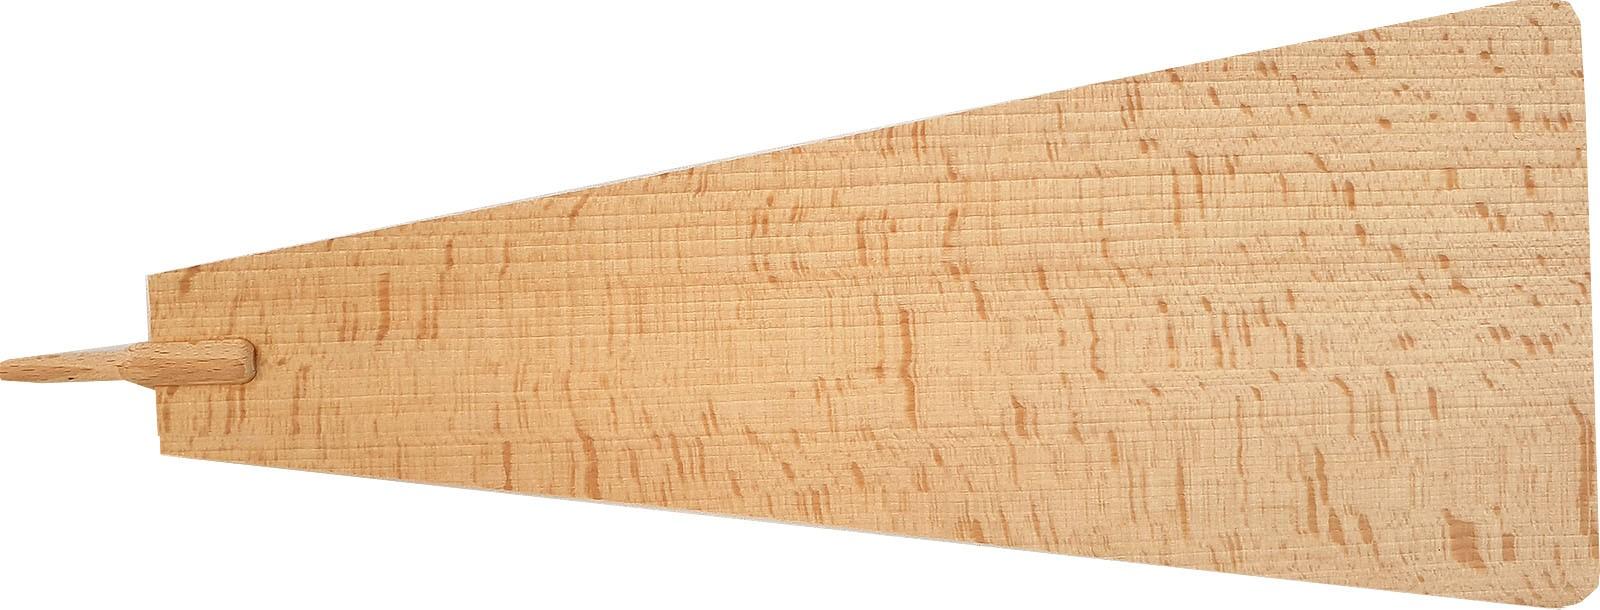 Pyramidenflügel mit Schaft 6 mm, Länge 300mm